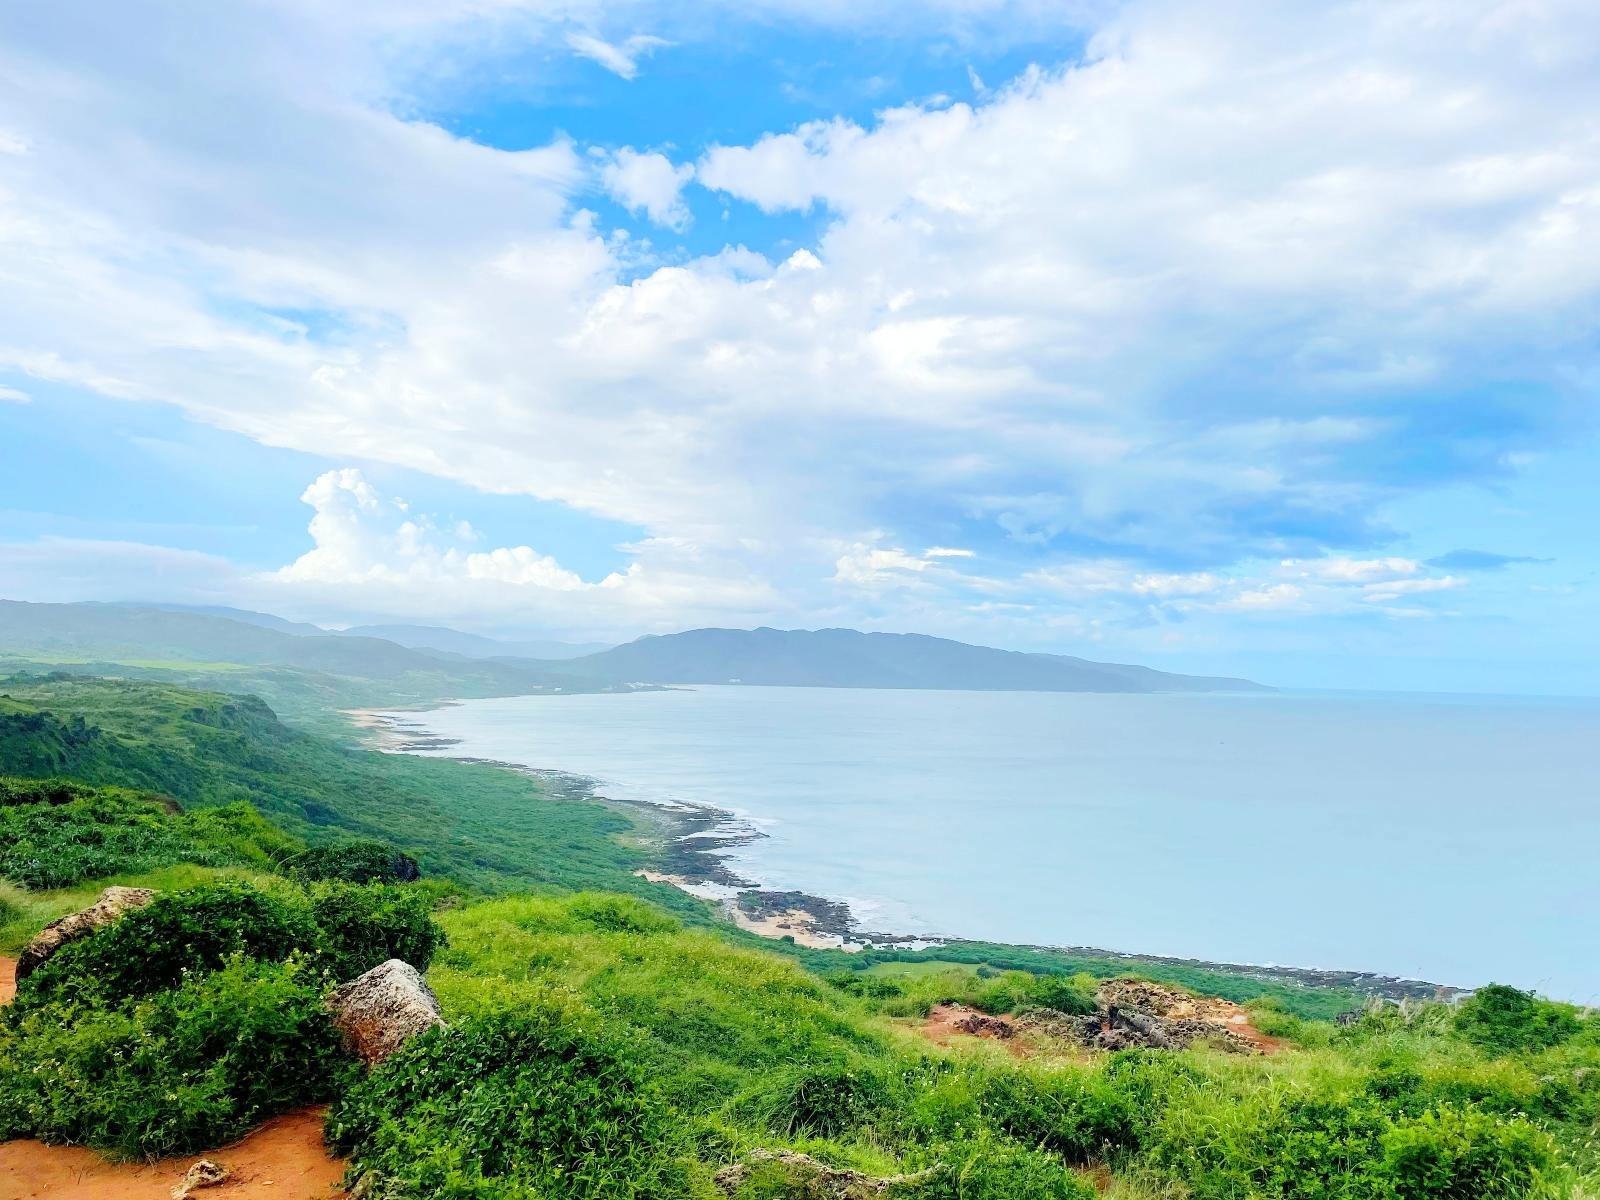 唯美海岸線   美麗的台灣   ホンチュン   ピンドンけん   Hengchun   Pingtung   Wafu Taiwan   巡日旅行攝   RoundtripJp